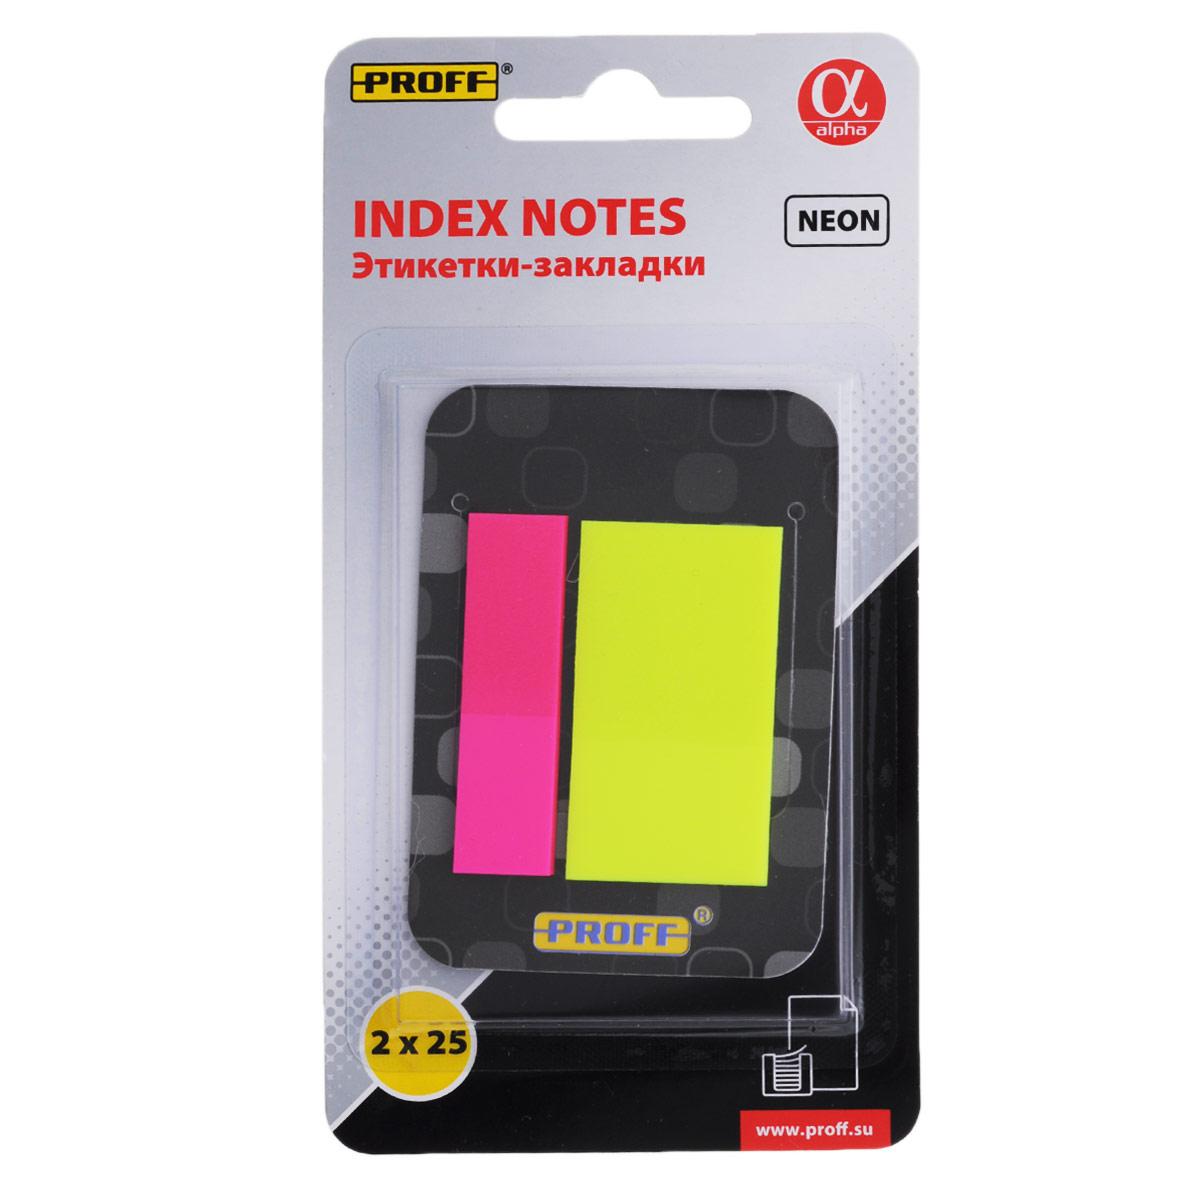 Этикетки-закладки самоклеящиеся Proff Alpha. Neon, с клипом, цвет: розовый, желтый, 2 х 25 шт62008Этикетки-закладки Proff Alpha. Neon очень удобно использовать в качестве закладок в книгах, тетрадях, документах. Оснащены клеевым краем, при отклеивании не оставляют следов. Удобный клип позволяет закрепить этикетки там, где вам удобно будет ими пользоваться.В наборе 2 блока ярких неоновых цветов по 25 этикеток-закладок в каждом.